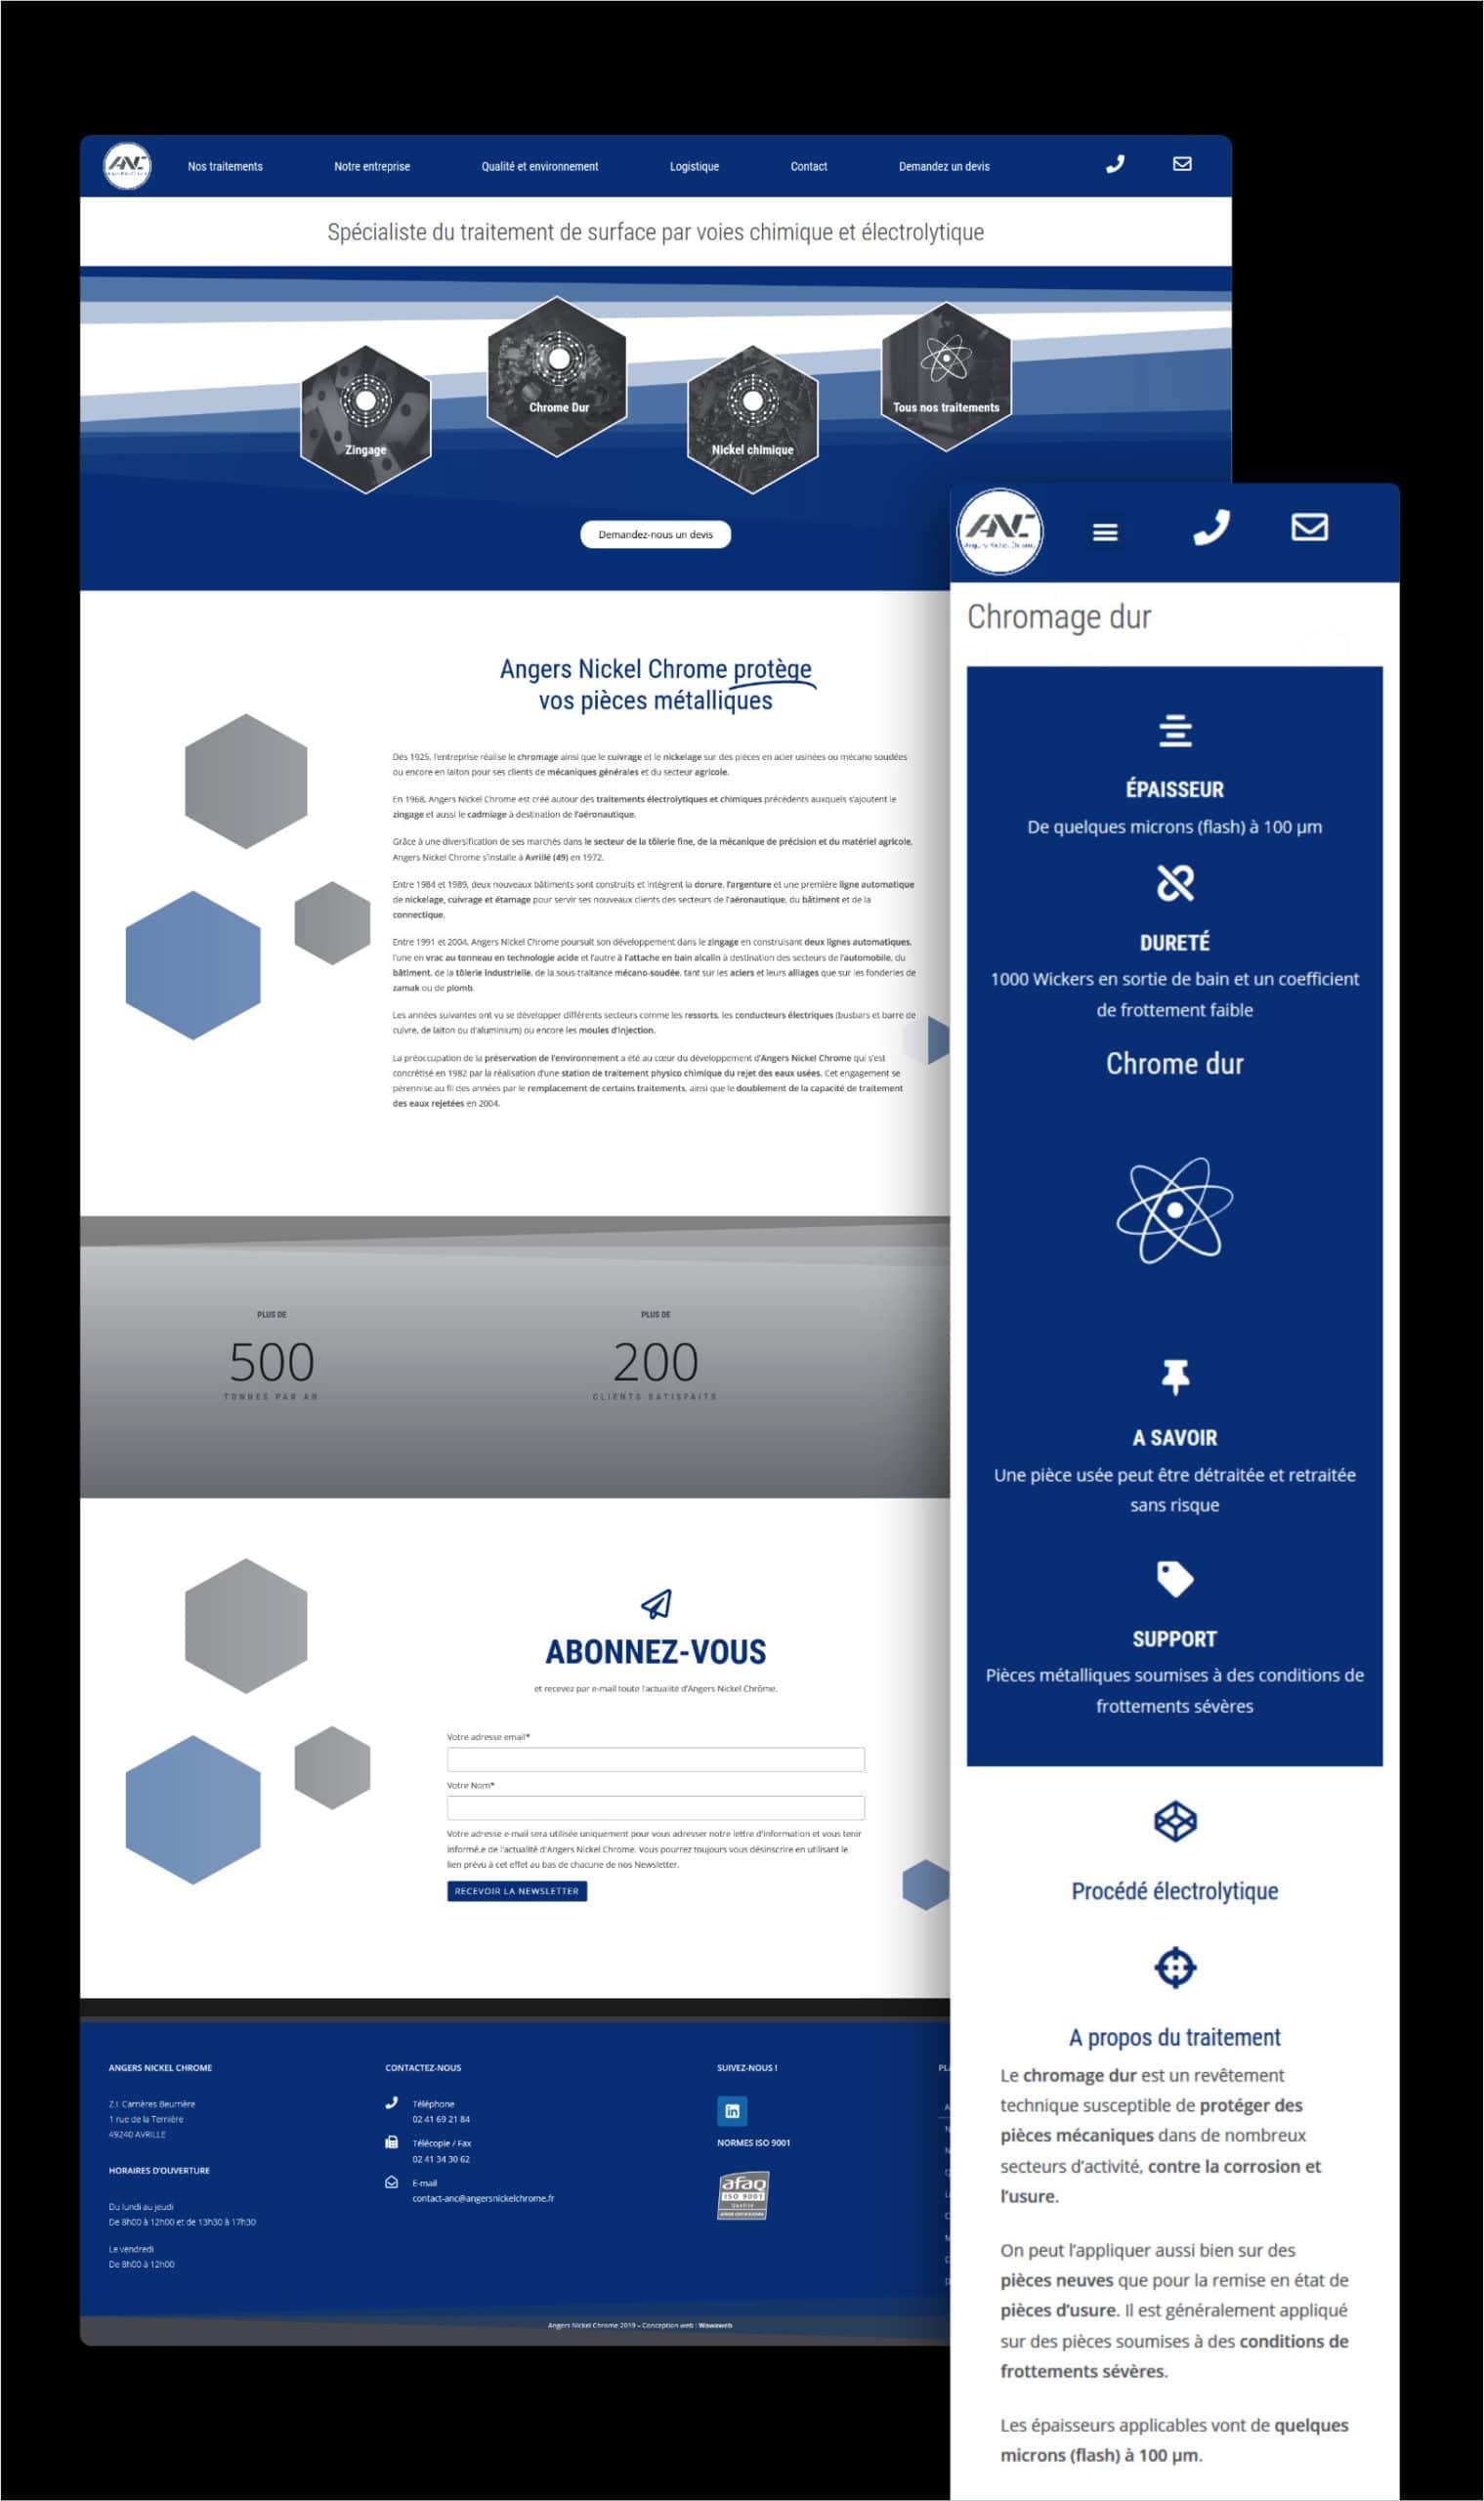 Wawaweb - Pascale Maire - Webdesigner indépendant - Création du site vitrine pour l'entreprise Angers Nickel Chrome